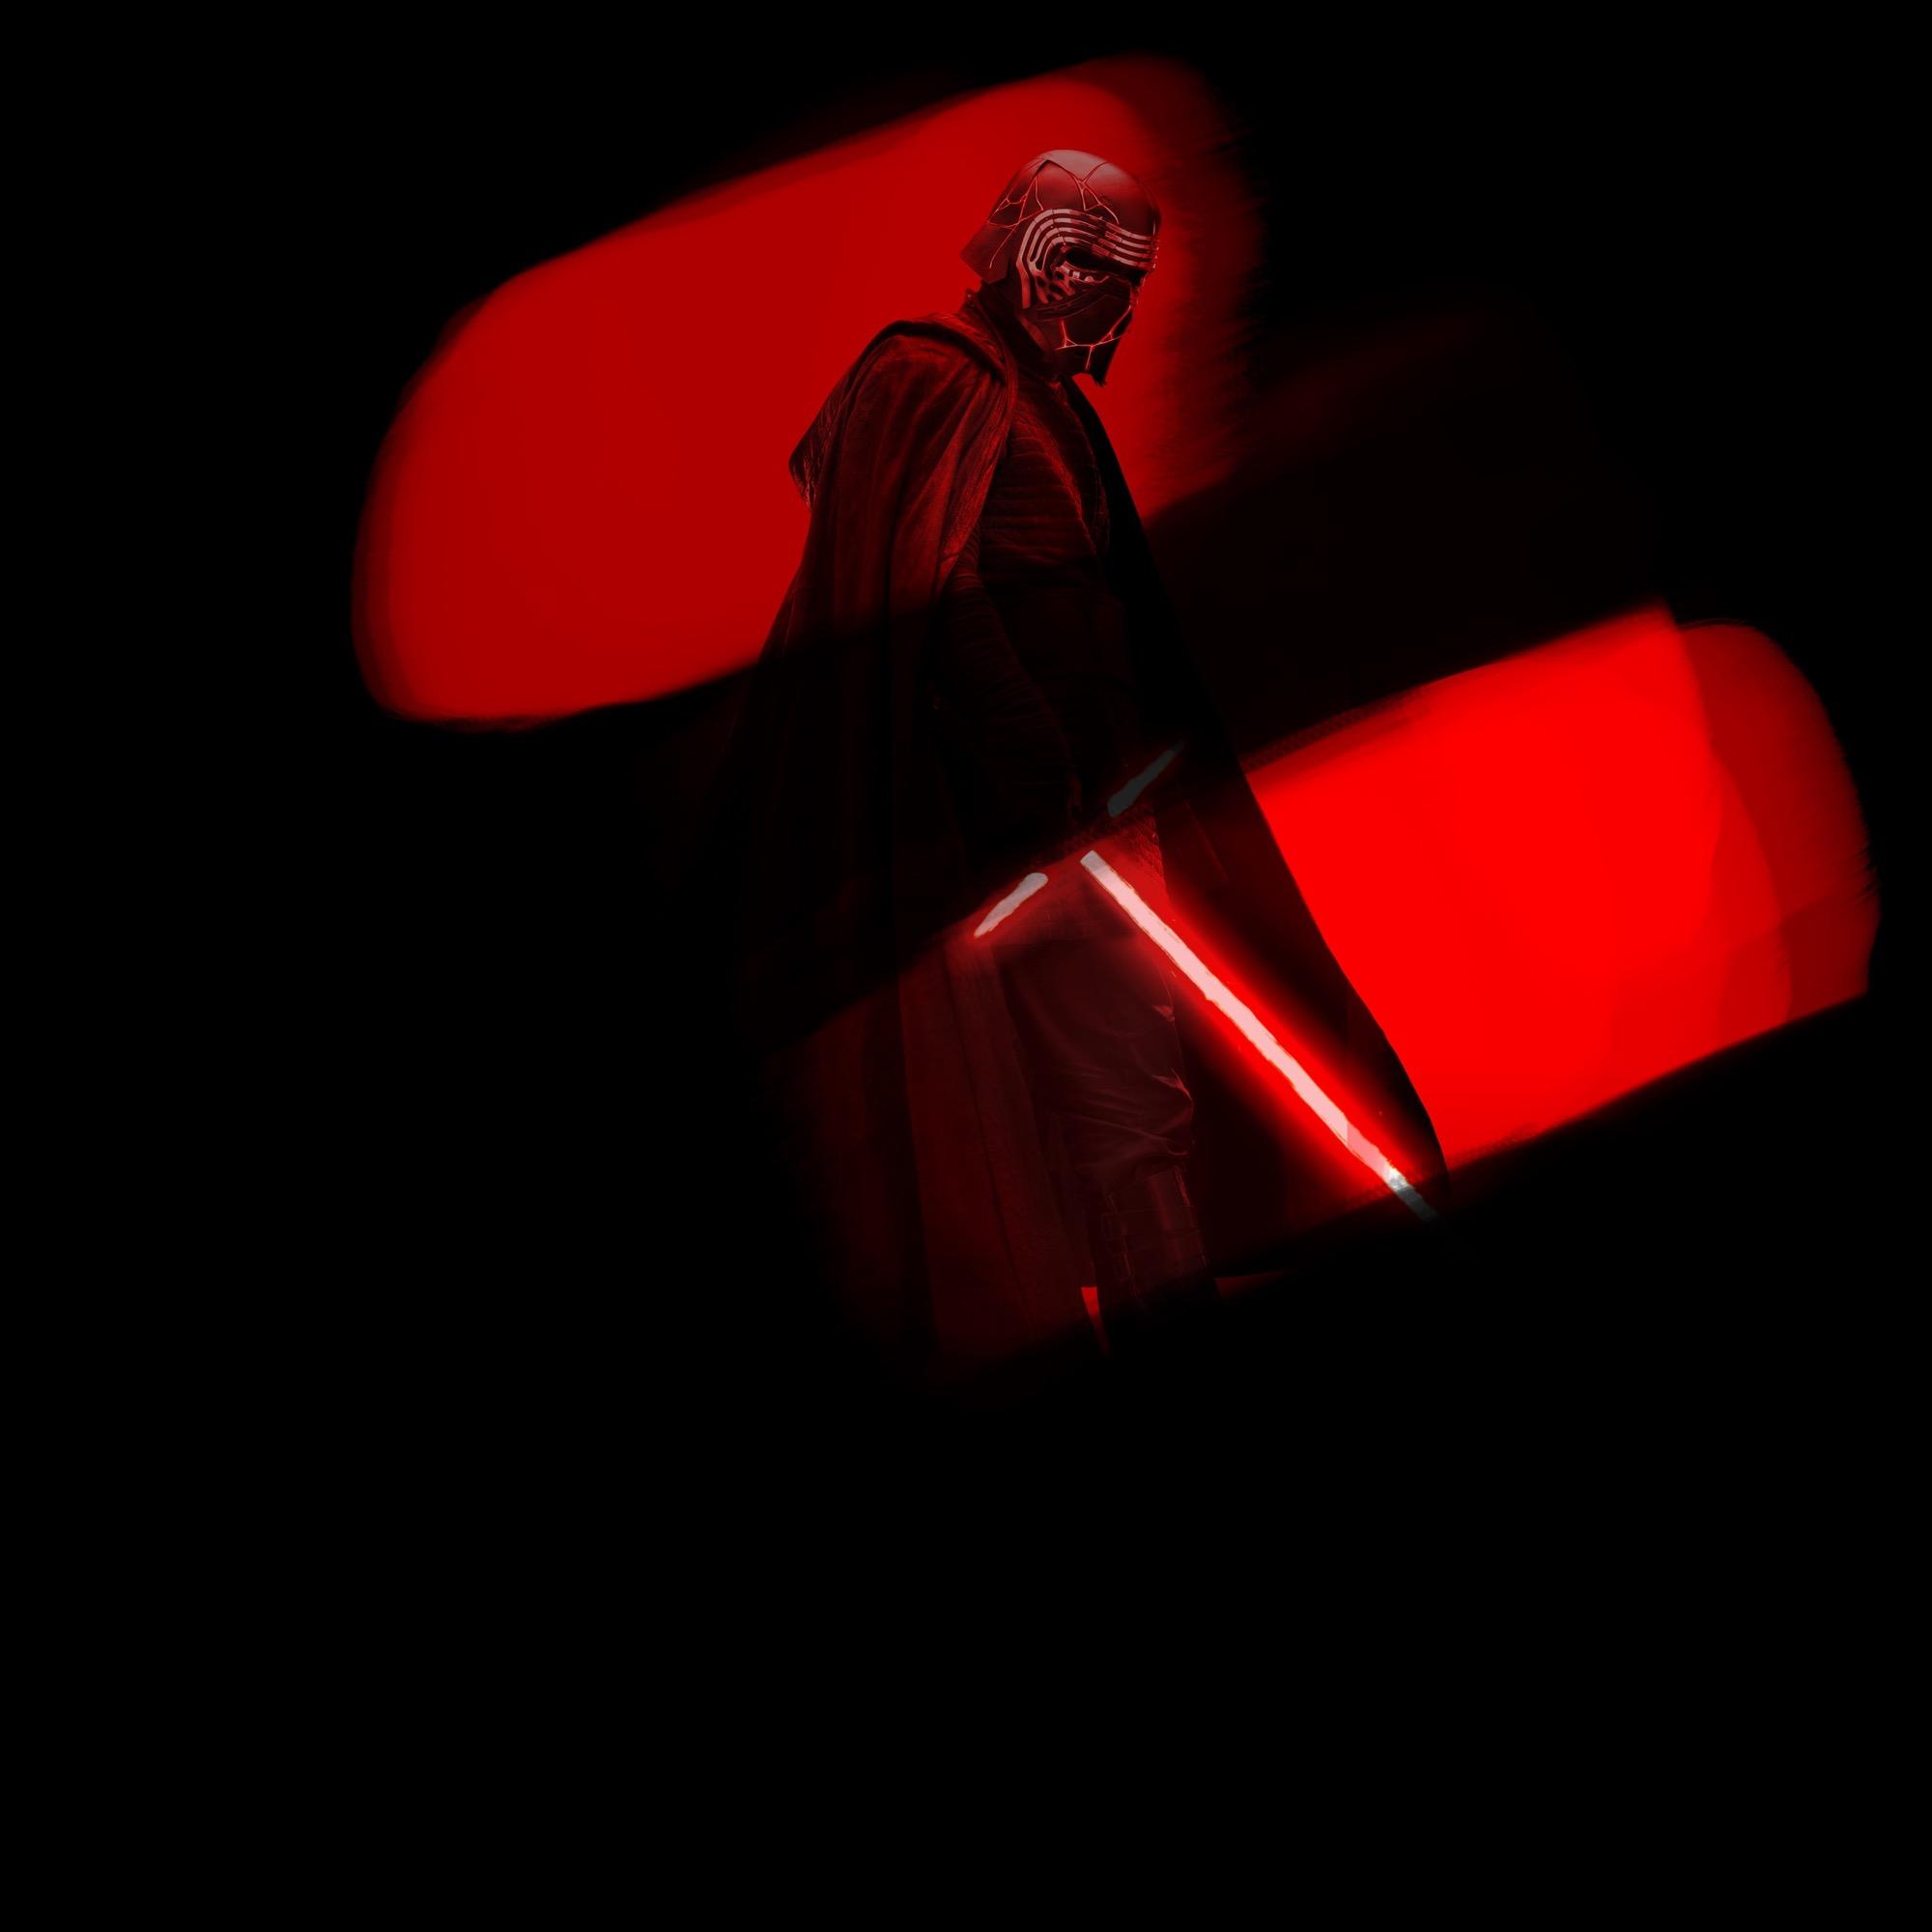 Fond écran Star Wars pour iPhone rouge et noir